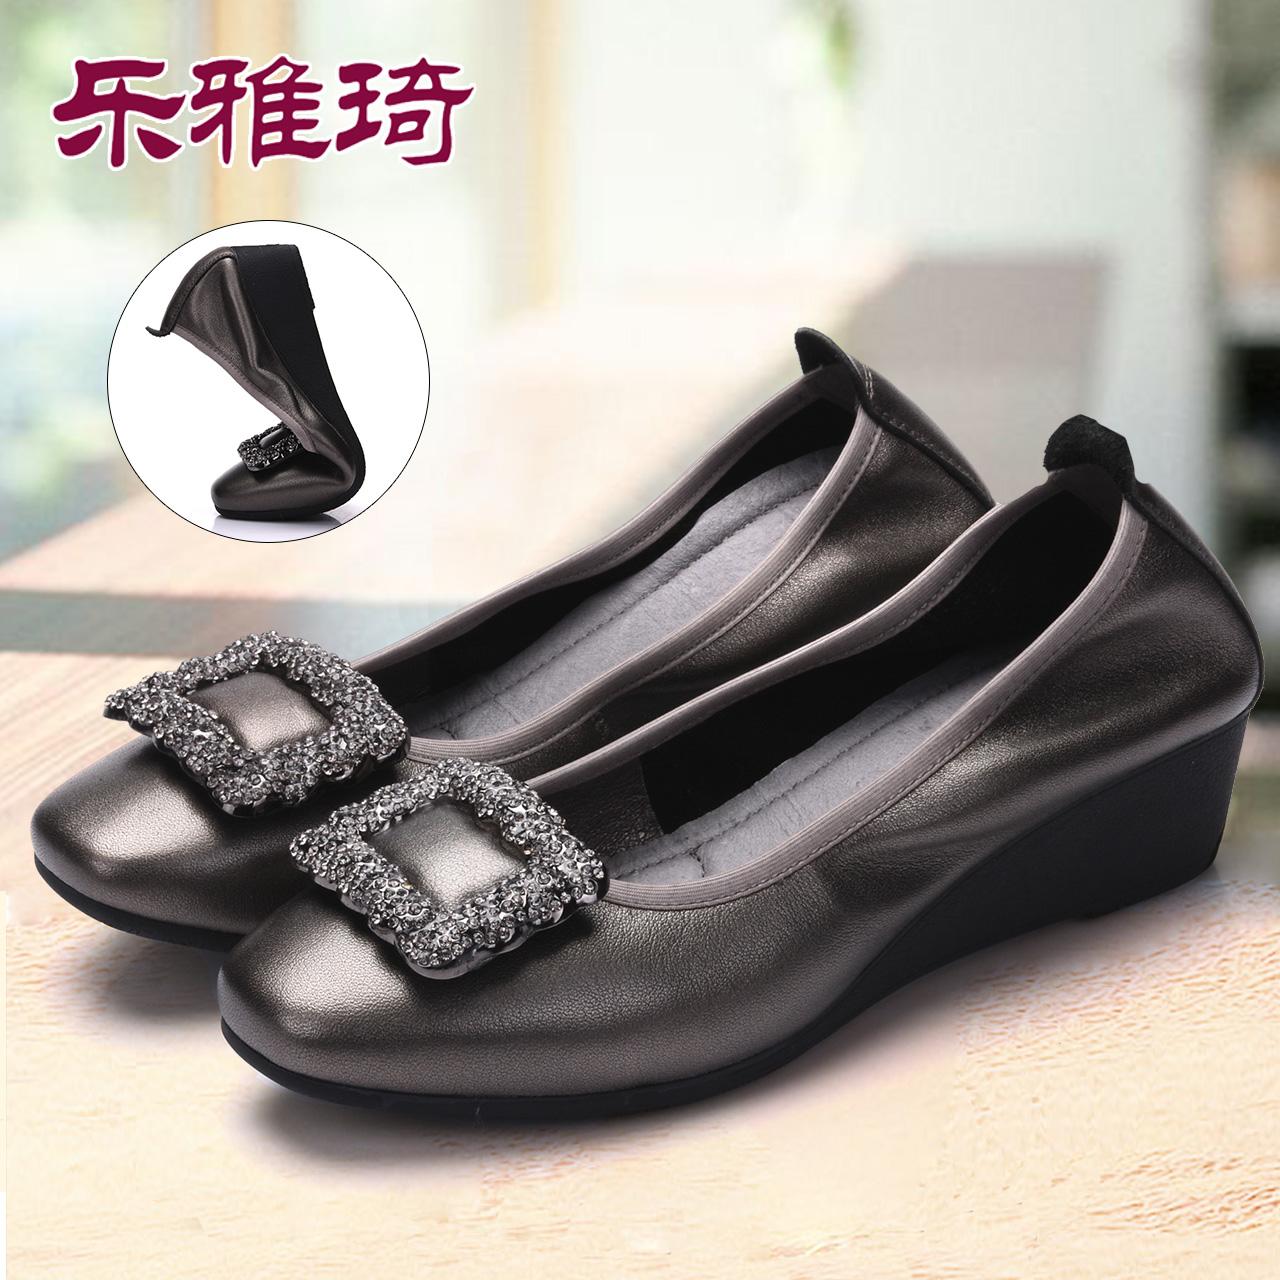 时尚中年跟鞋女